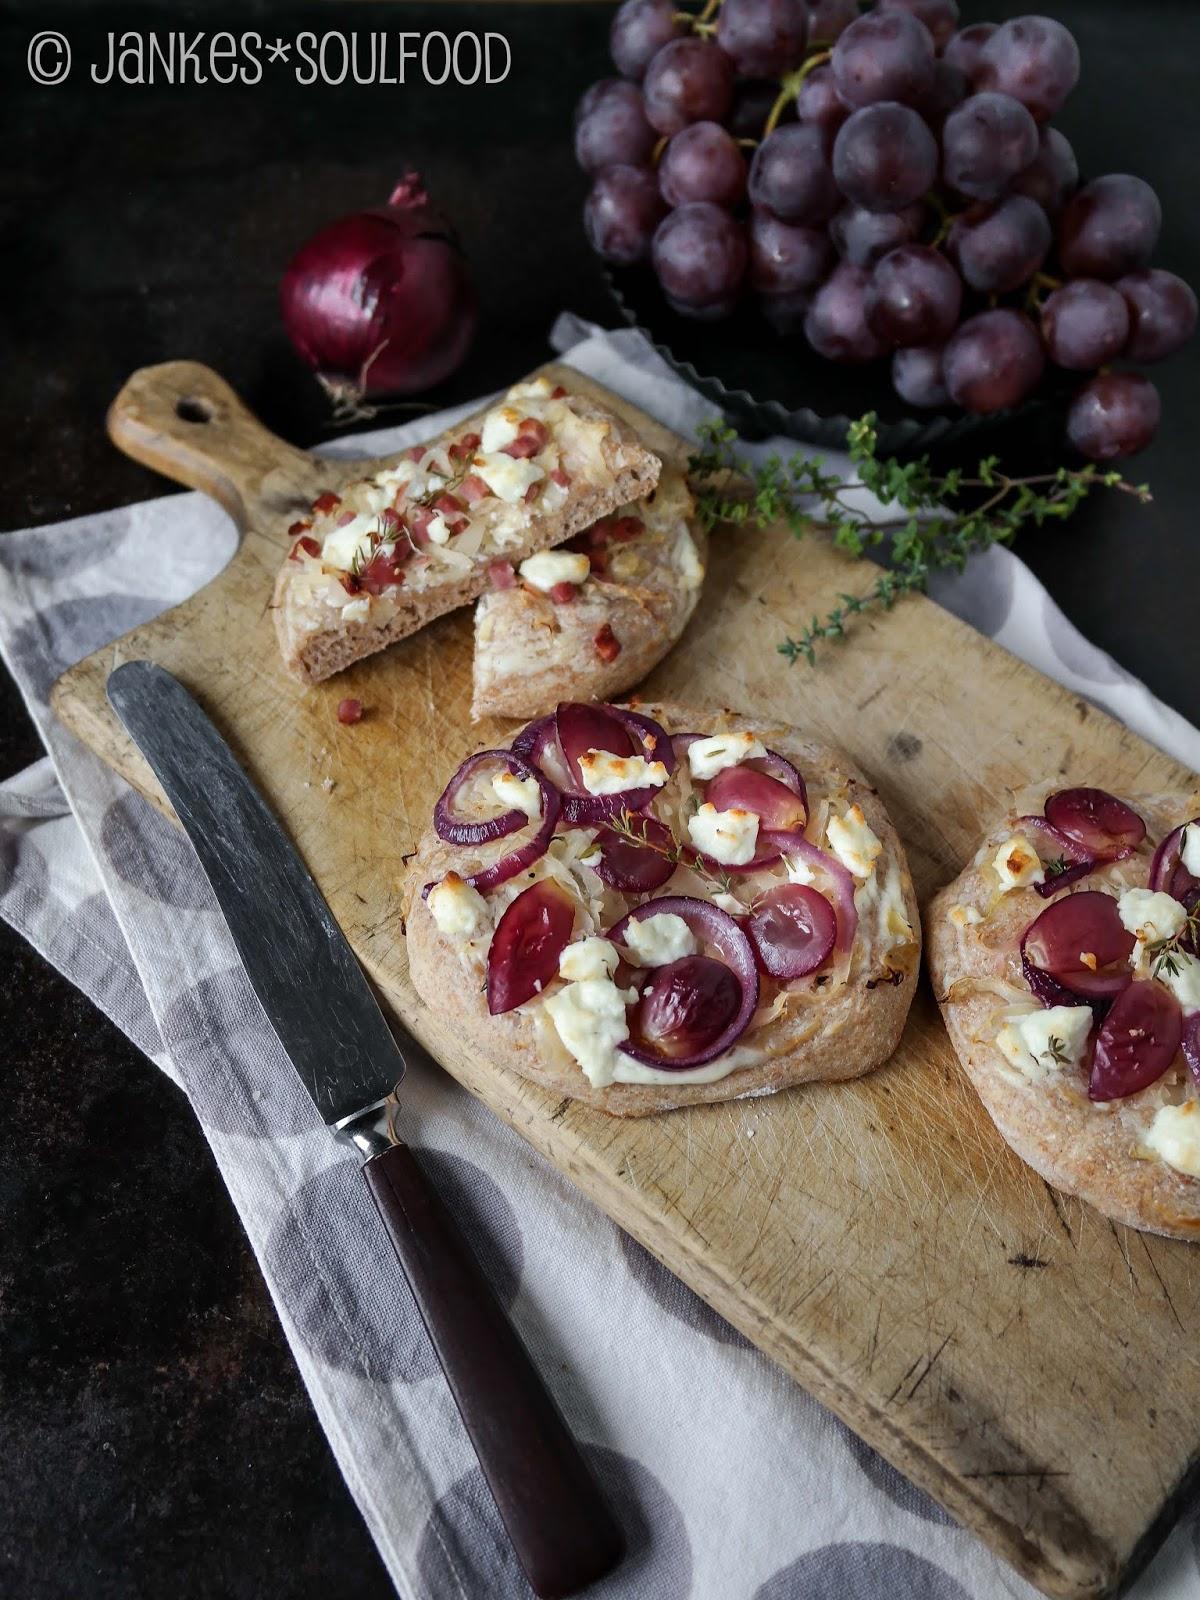 Brotfladen mit Sauerkraut und Trauben